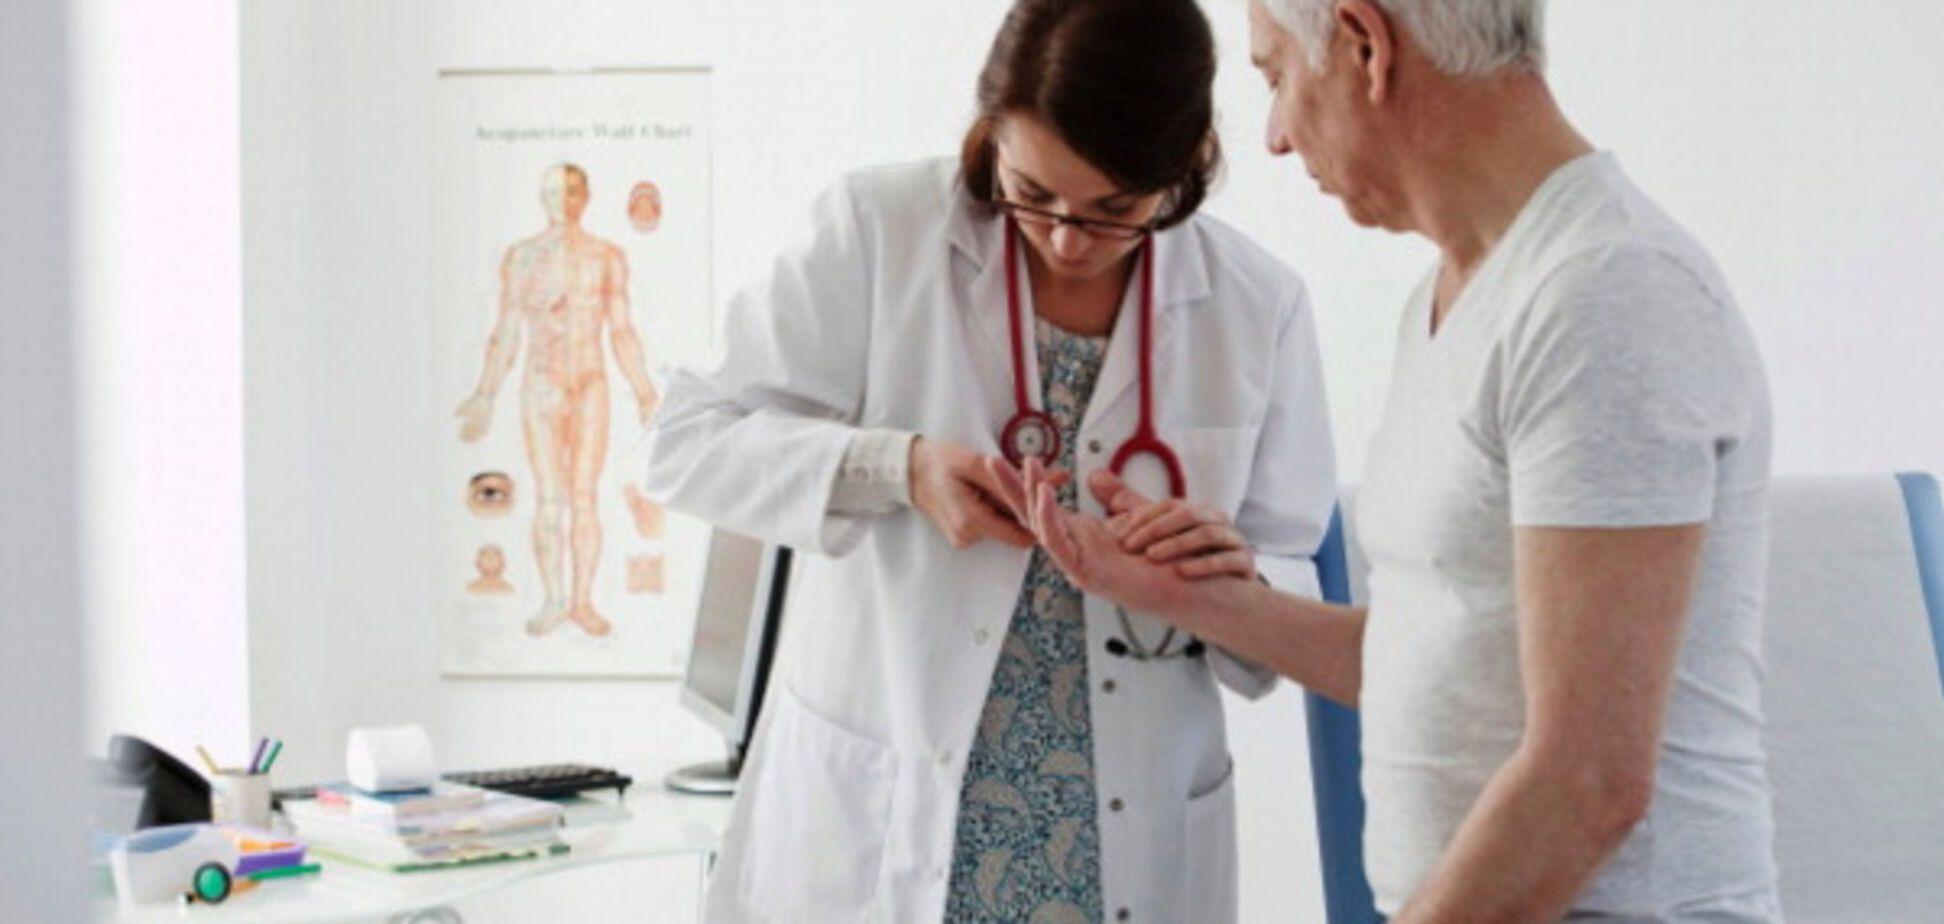 Топ-3 типа артрита: все, что нужно знать о наиболее распространенных видах болезни